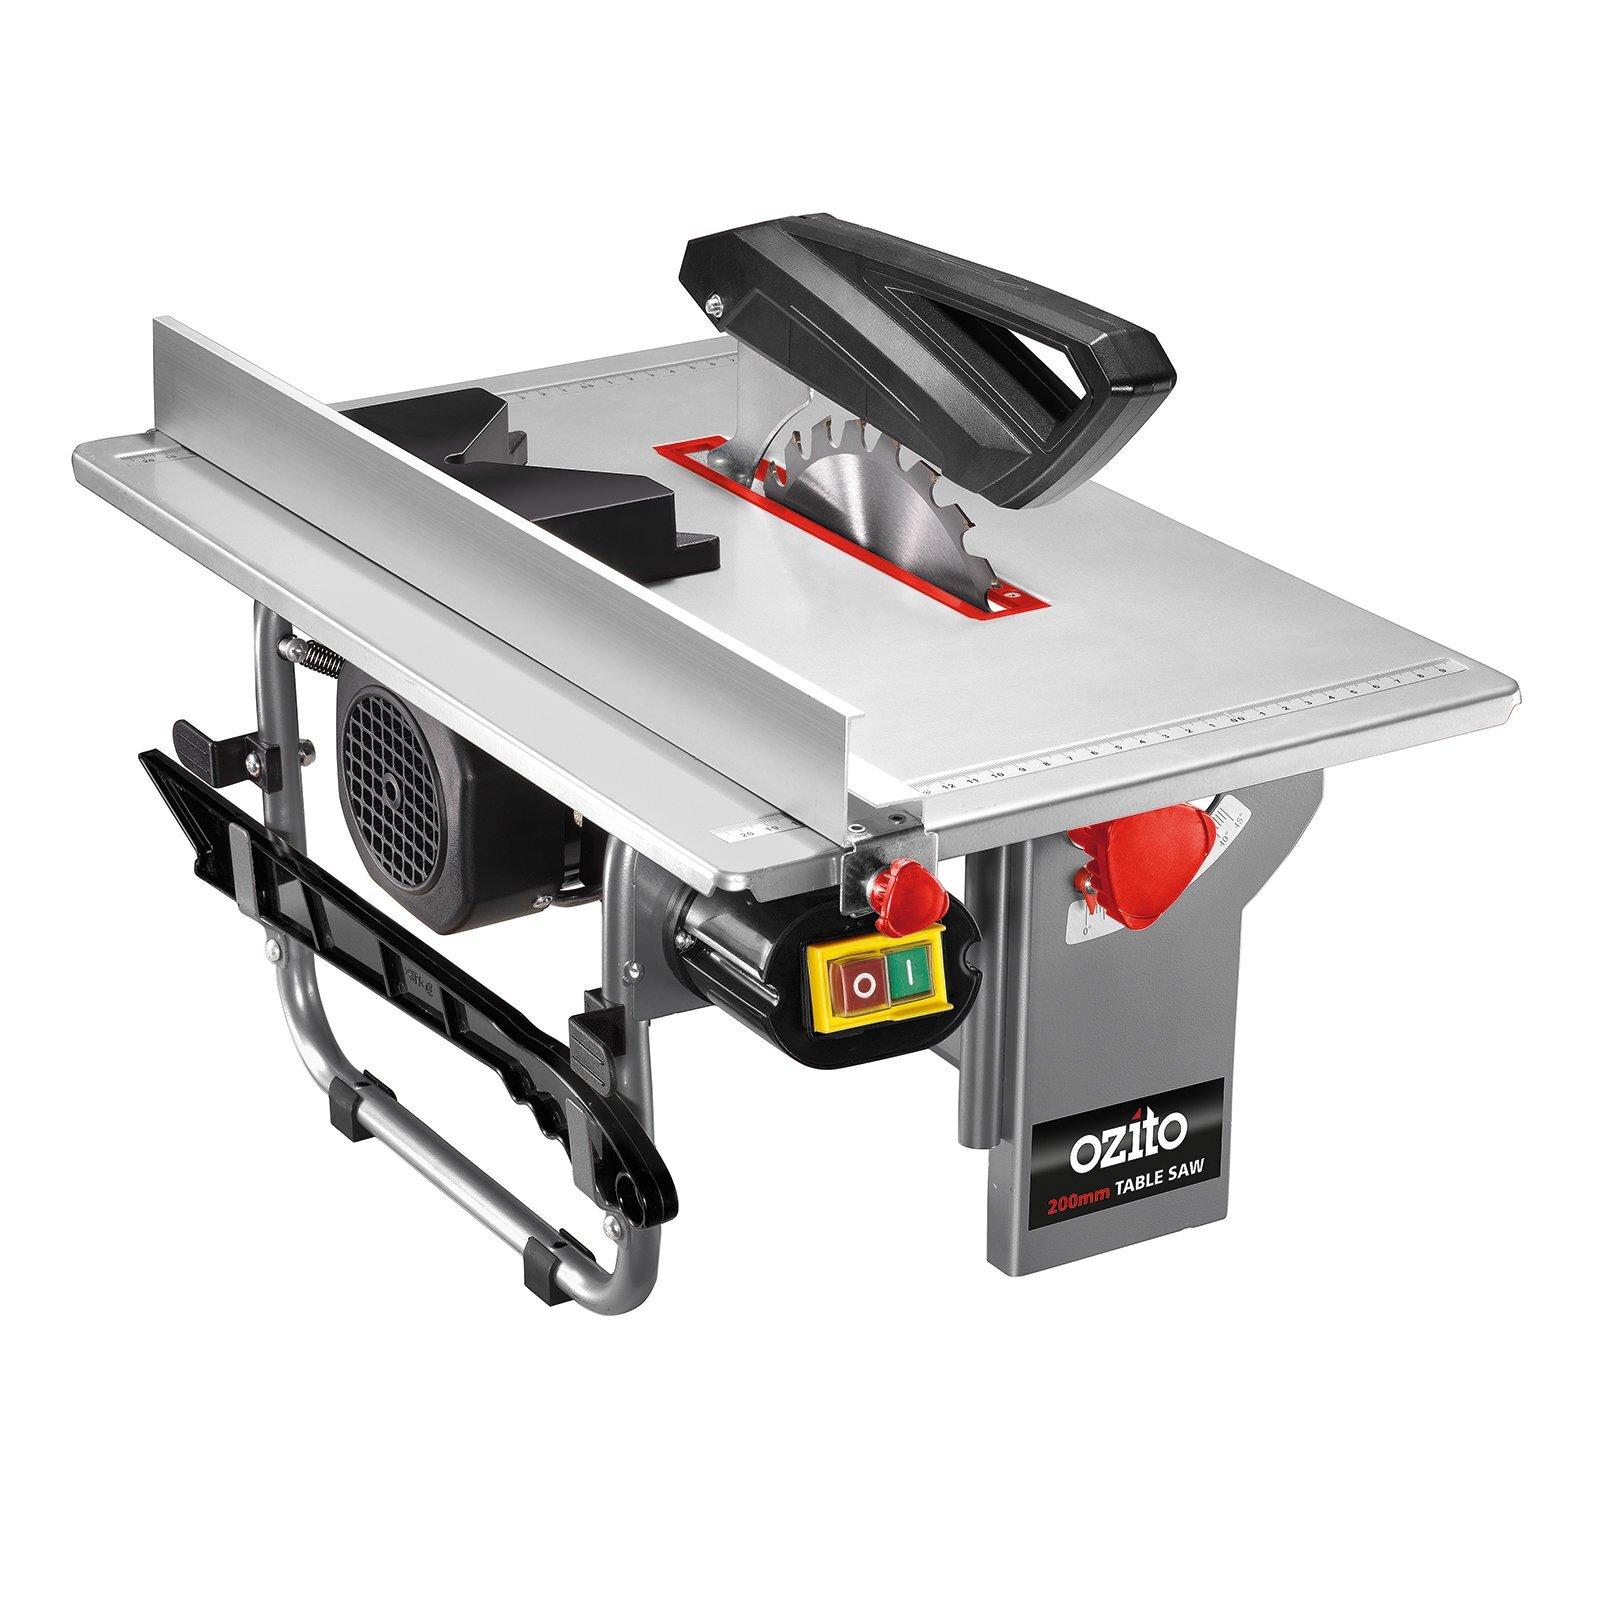 Ozito 200mm 800W Table Saw